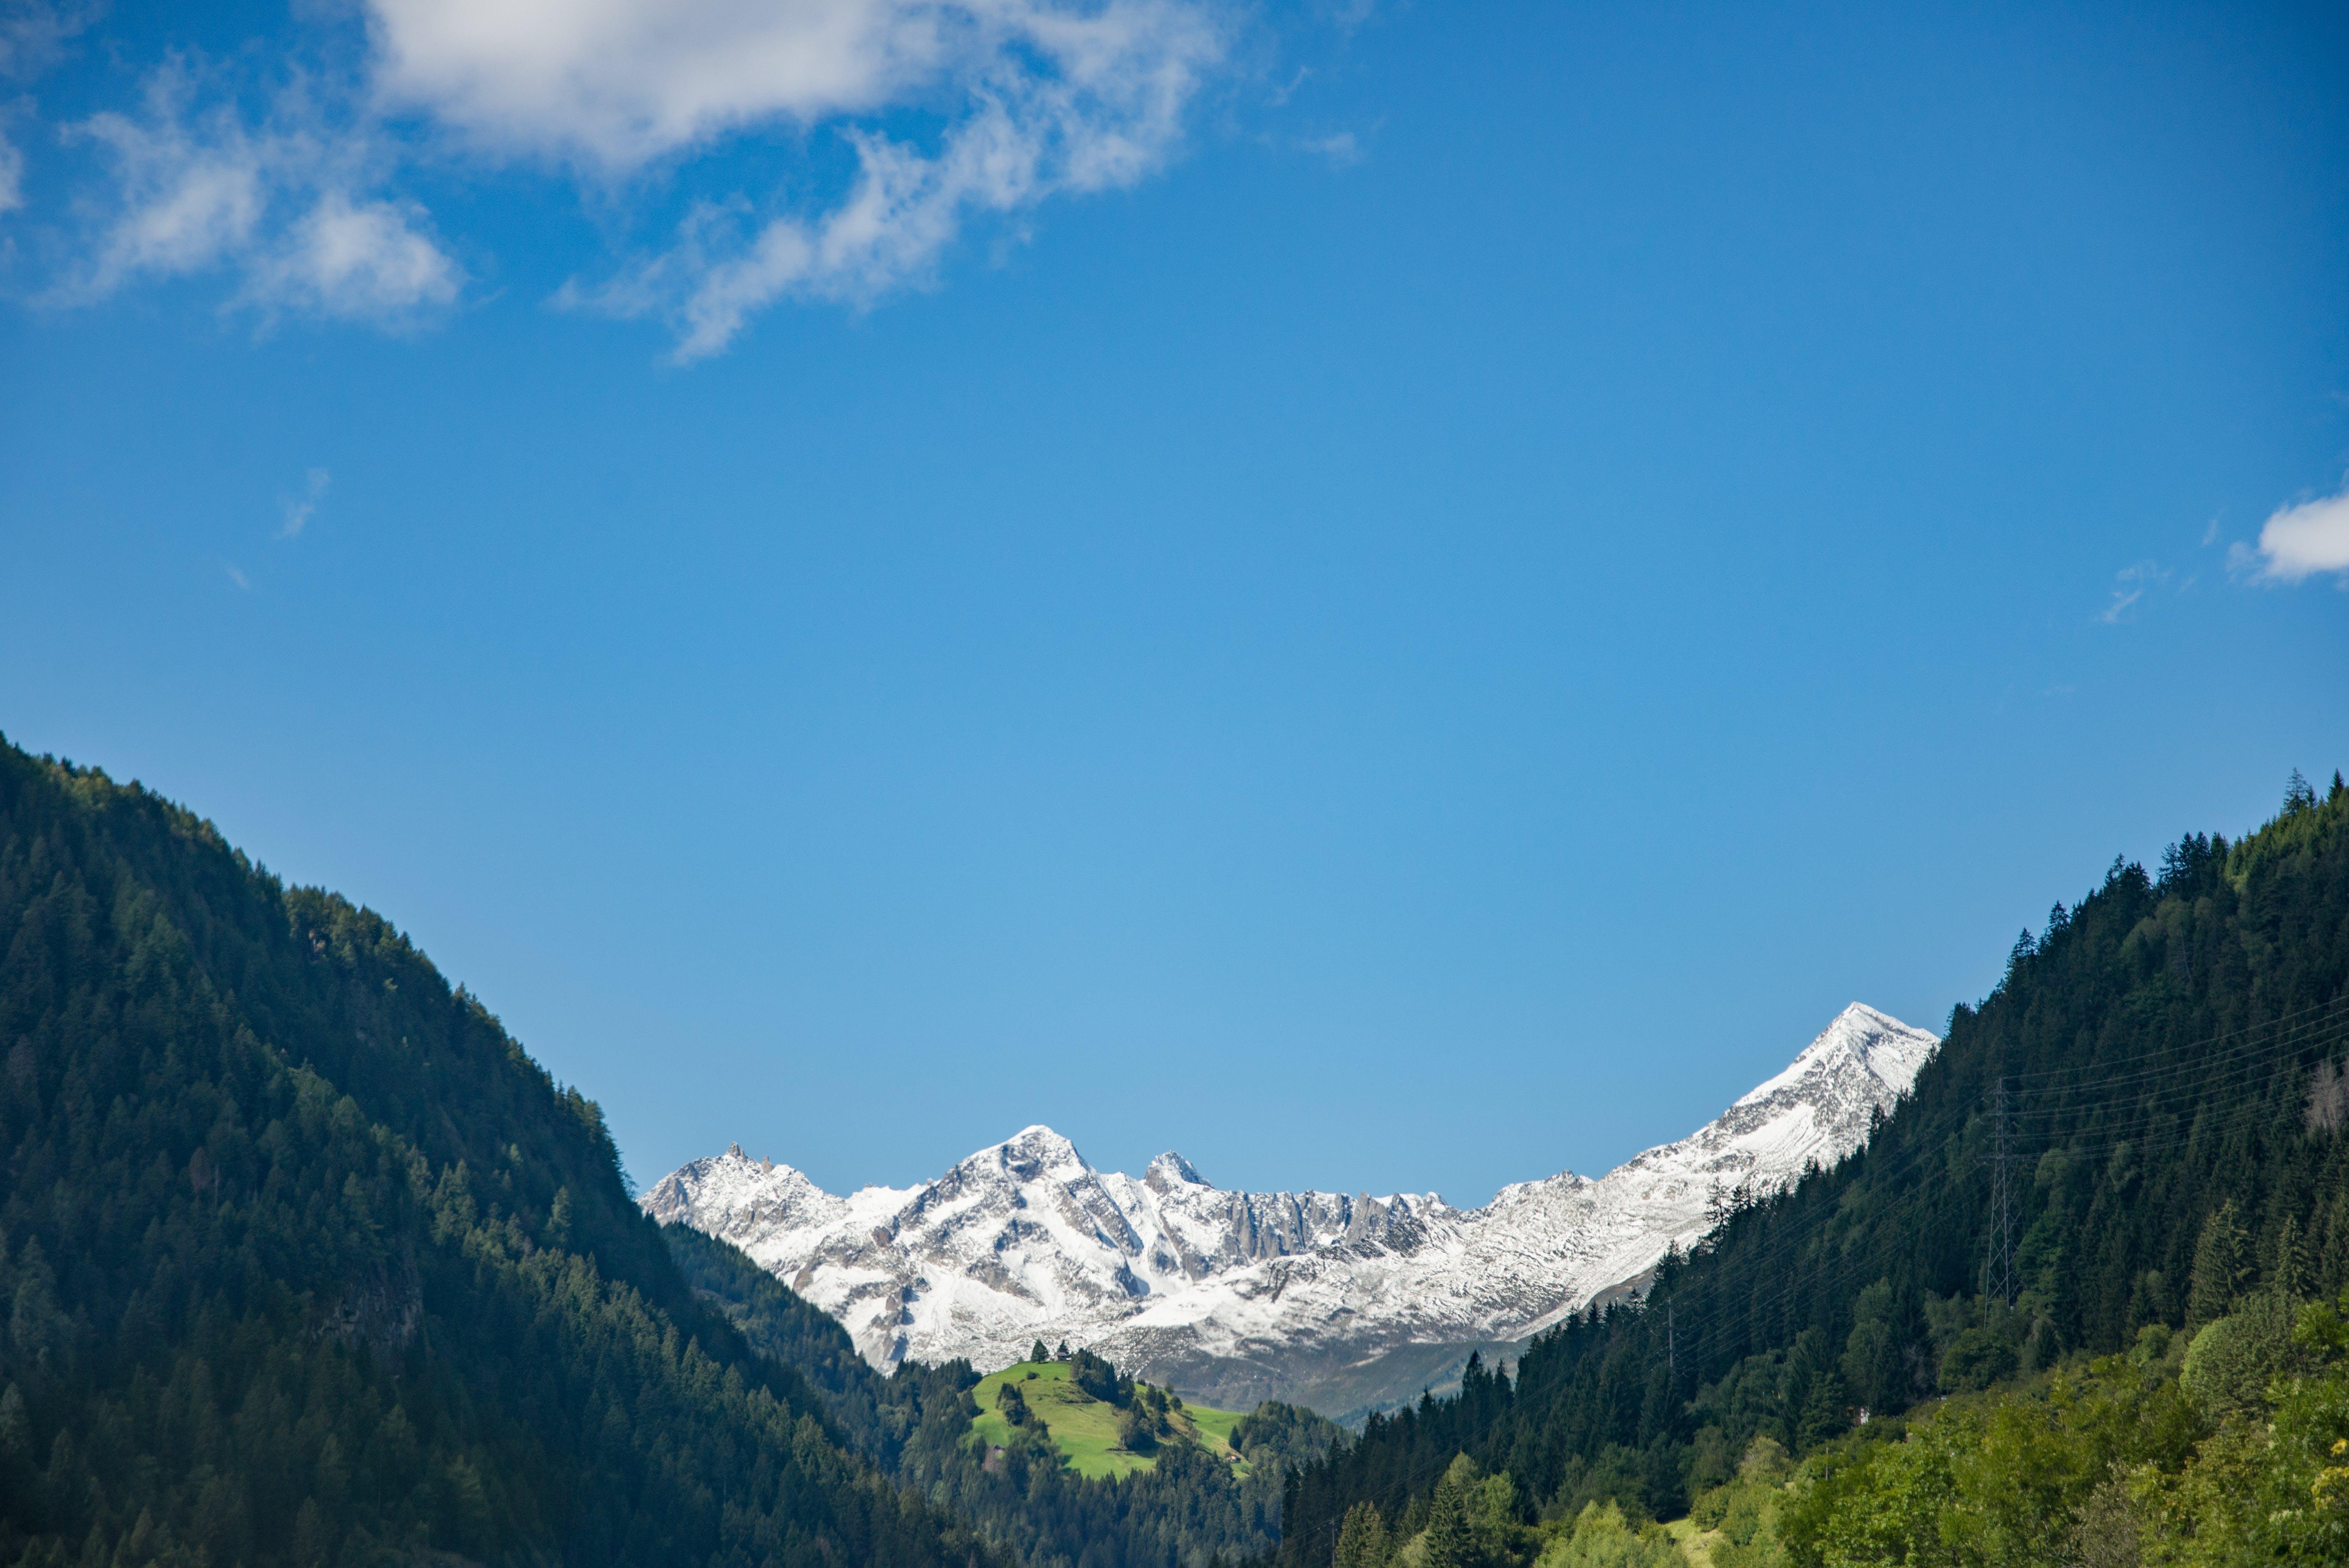 Fotos de stock gratuitas de alto, arboles, bosque, cielo